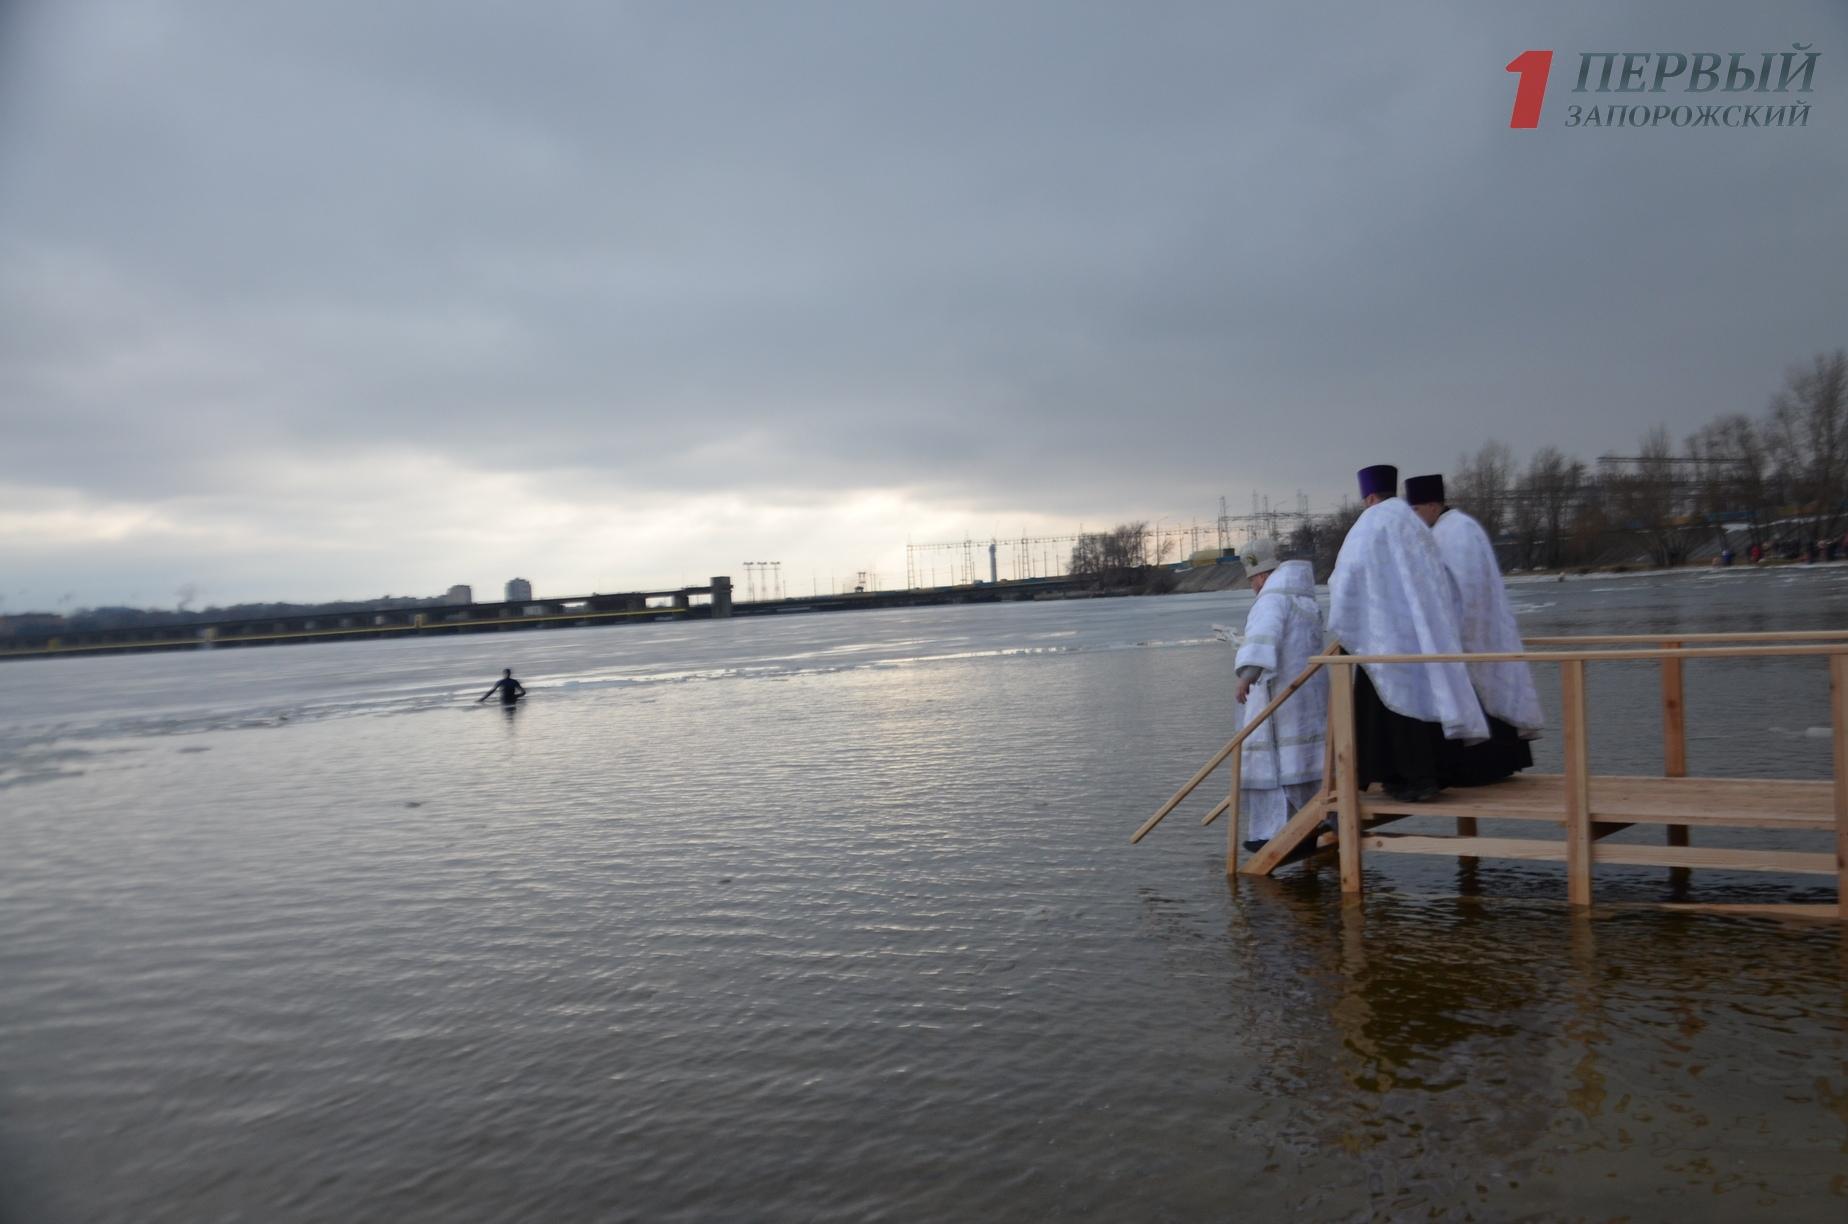 Сотни запорожцев собрались на Правобережном пляже, чтобы окунуться в прорубь и освятить воду – ФОТО, ВИДЕО